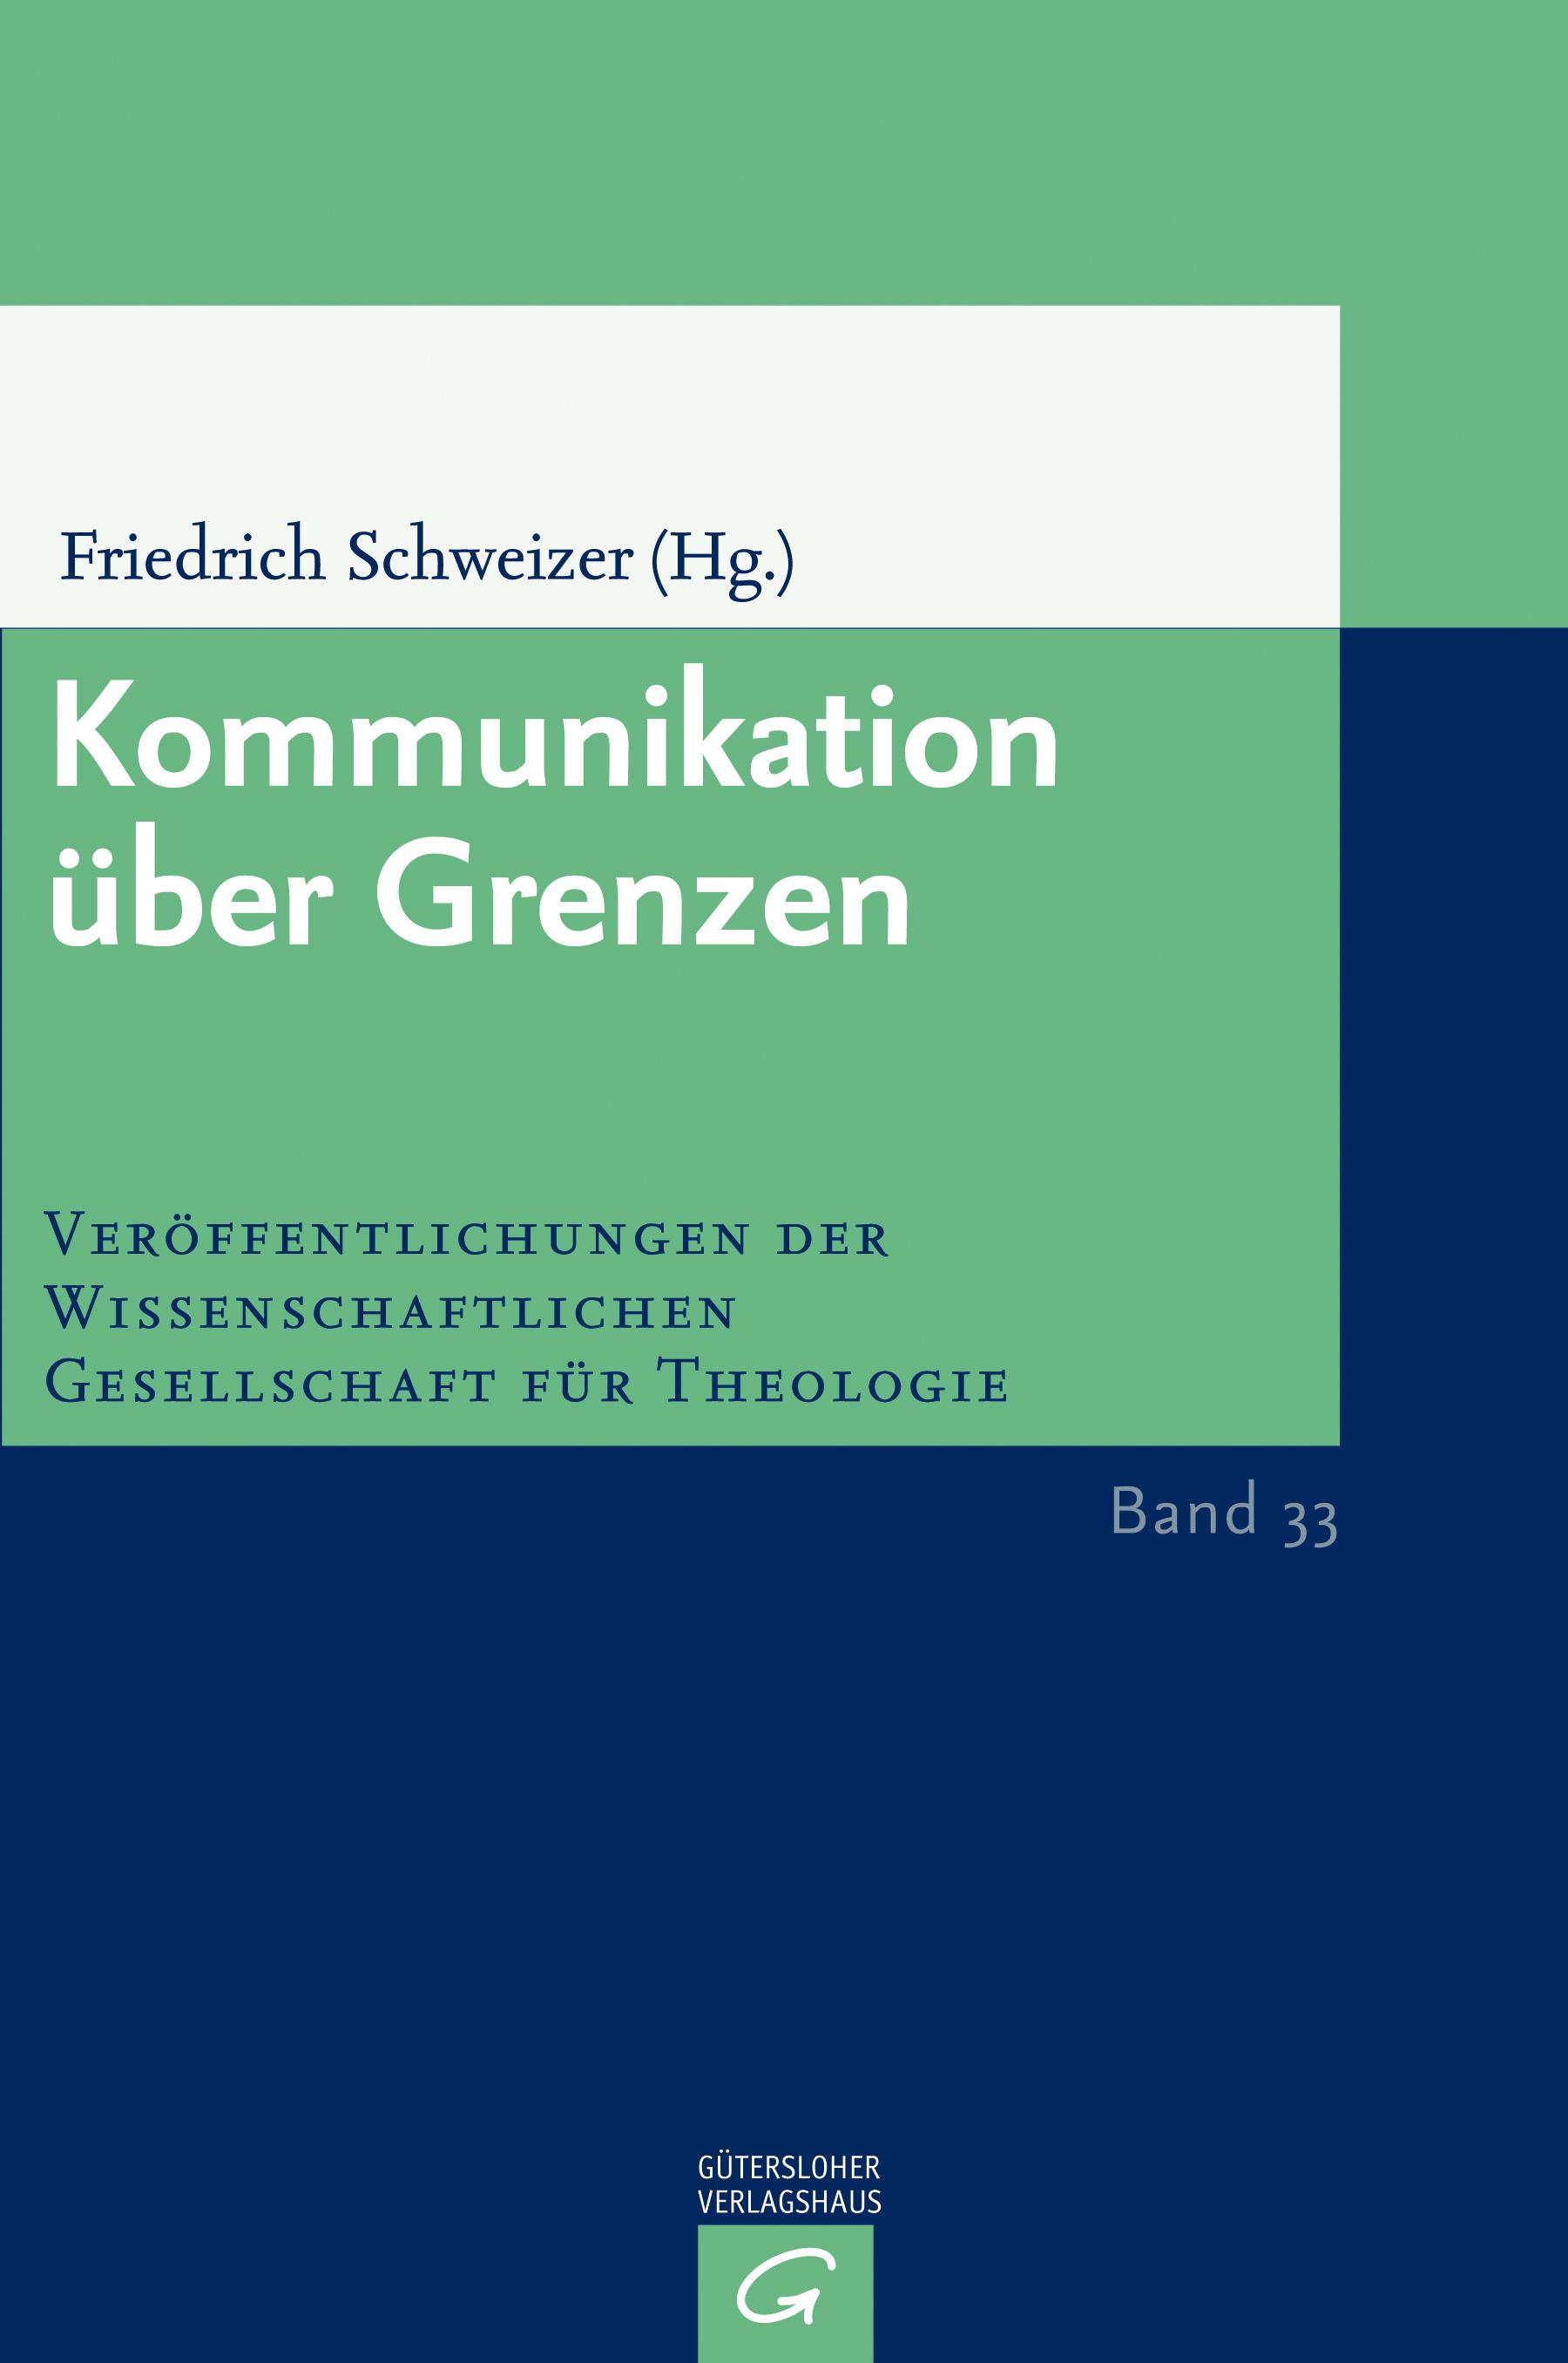 Kommunikation über Grenzen (VWGTh 33)